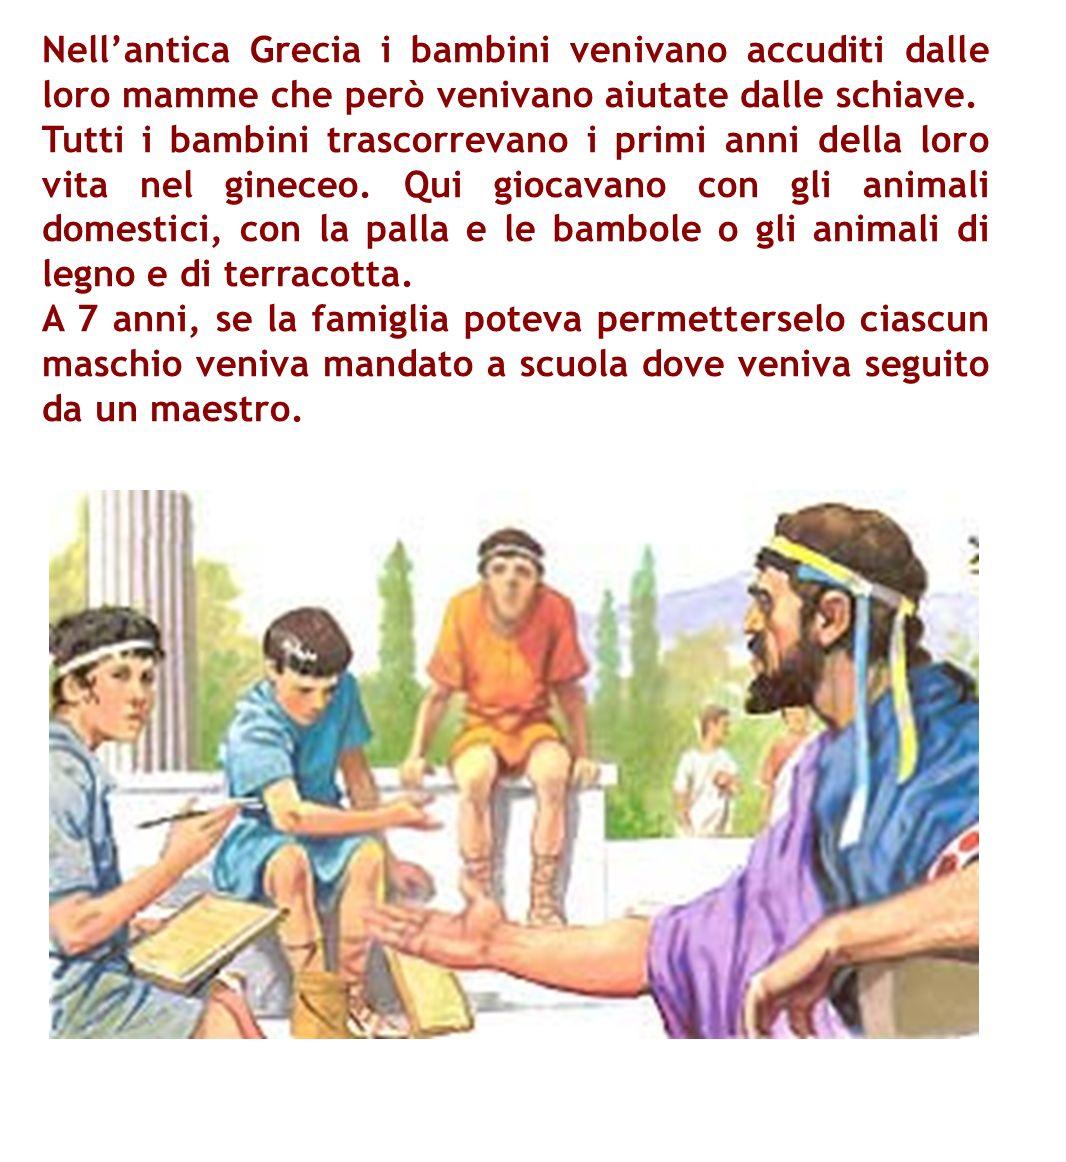 Nell'antica Grecia i bambini venivano accuditi dalle loro mamme che però venivano aiutate dalle schiave.